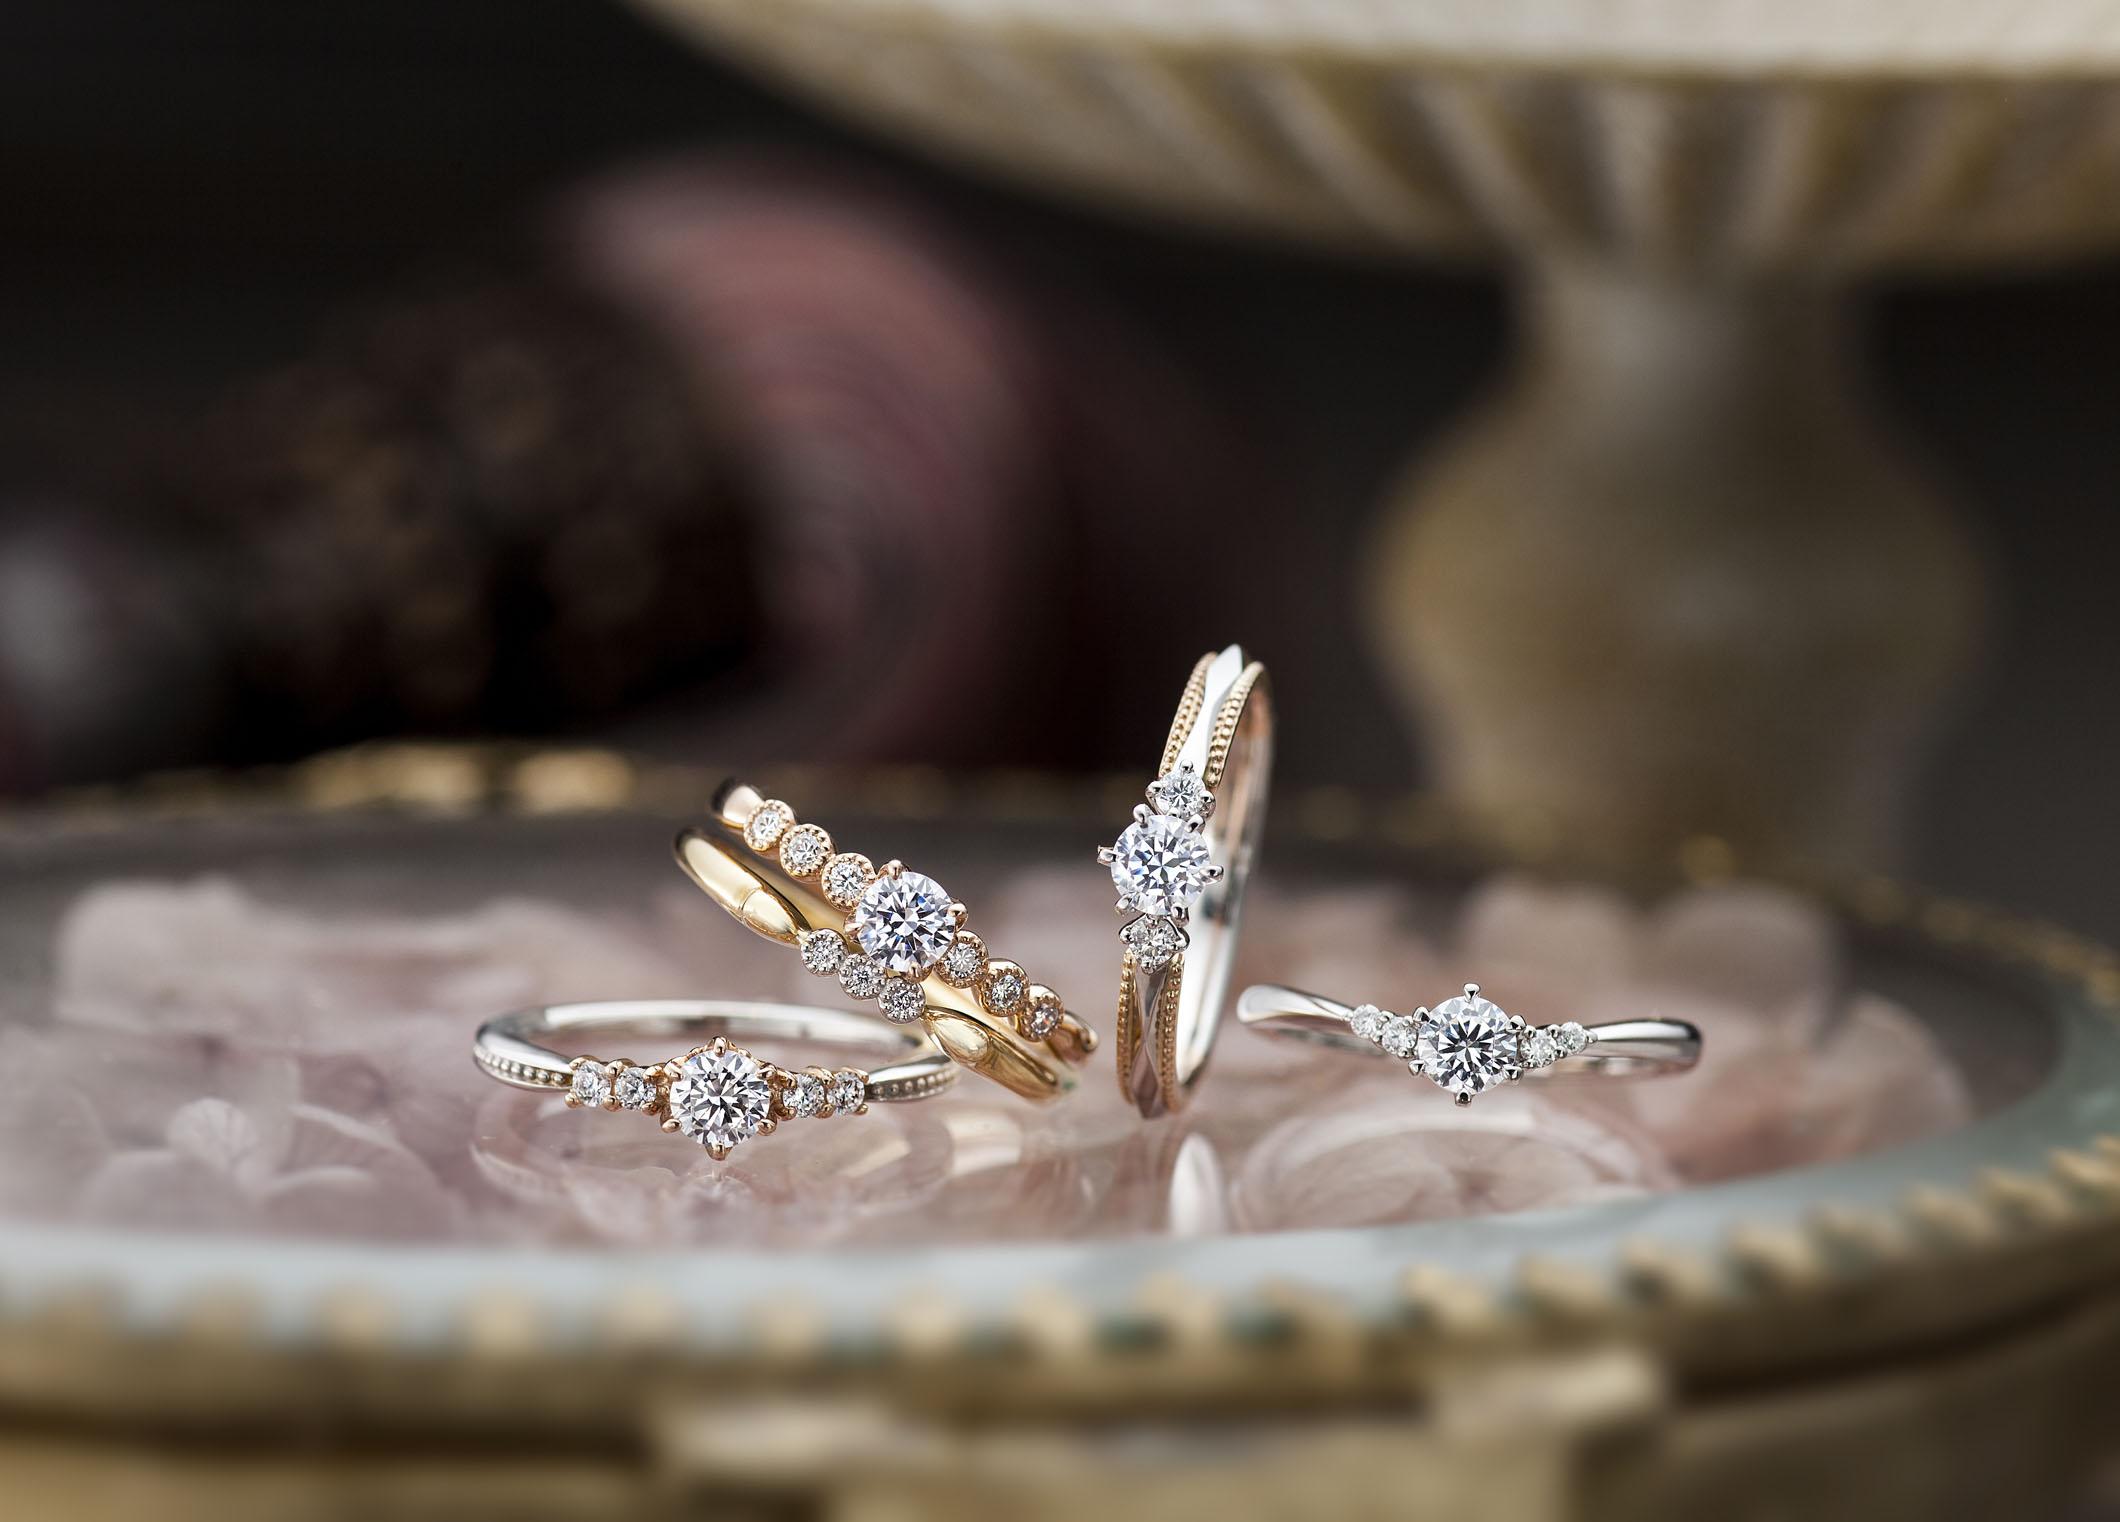 【静岡市】アンティーク調デザイン💍オシャレな彼女へ贈る人気の婚約指輪!